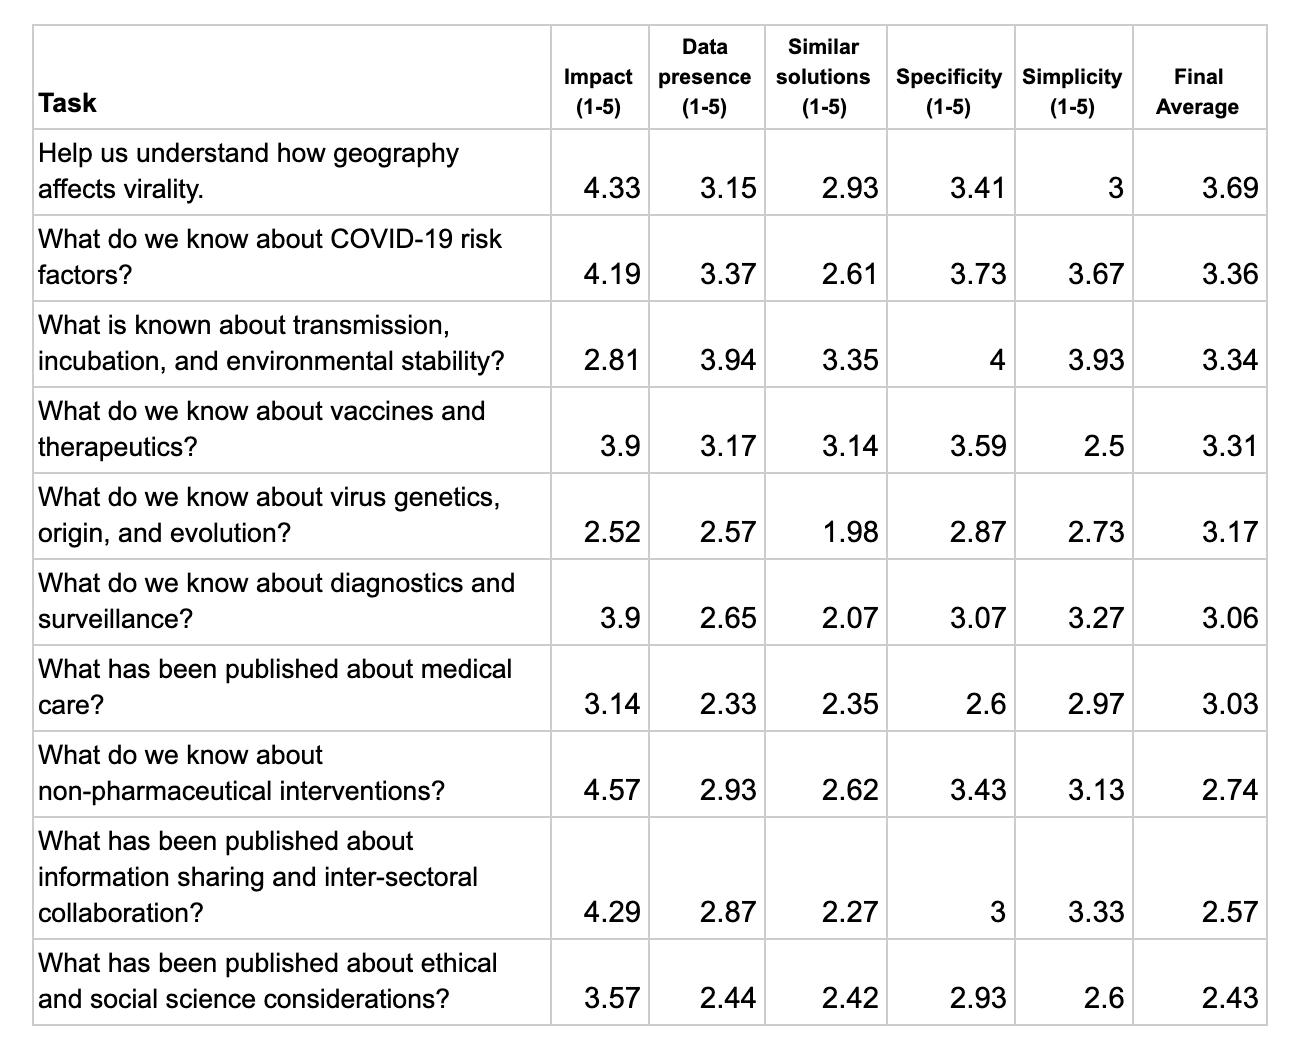 Вопросы о коронавирусе, на которые ищут ответы исследователи ИИ